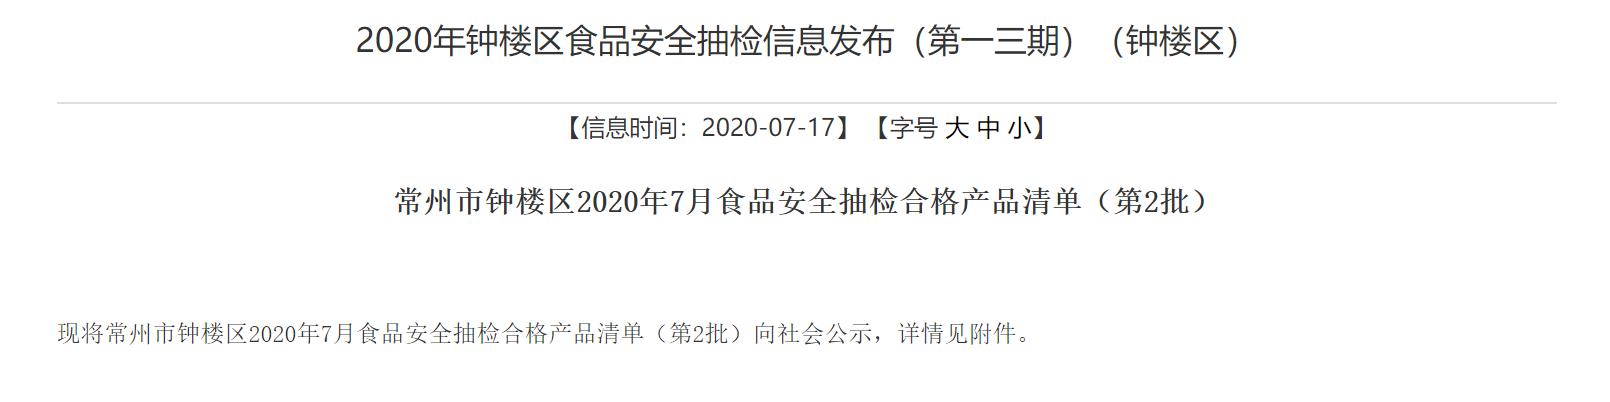 江苏常州市钟楼区市场监管局公布2020年7月第2批食品安全抽检合格